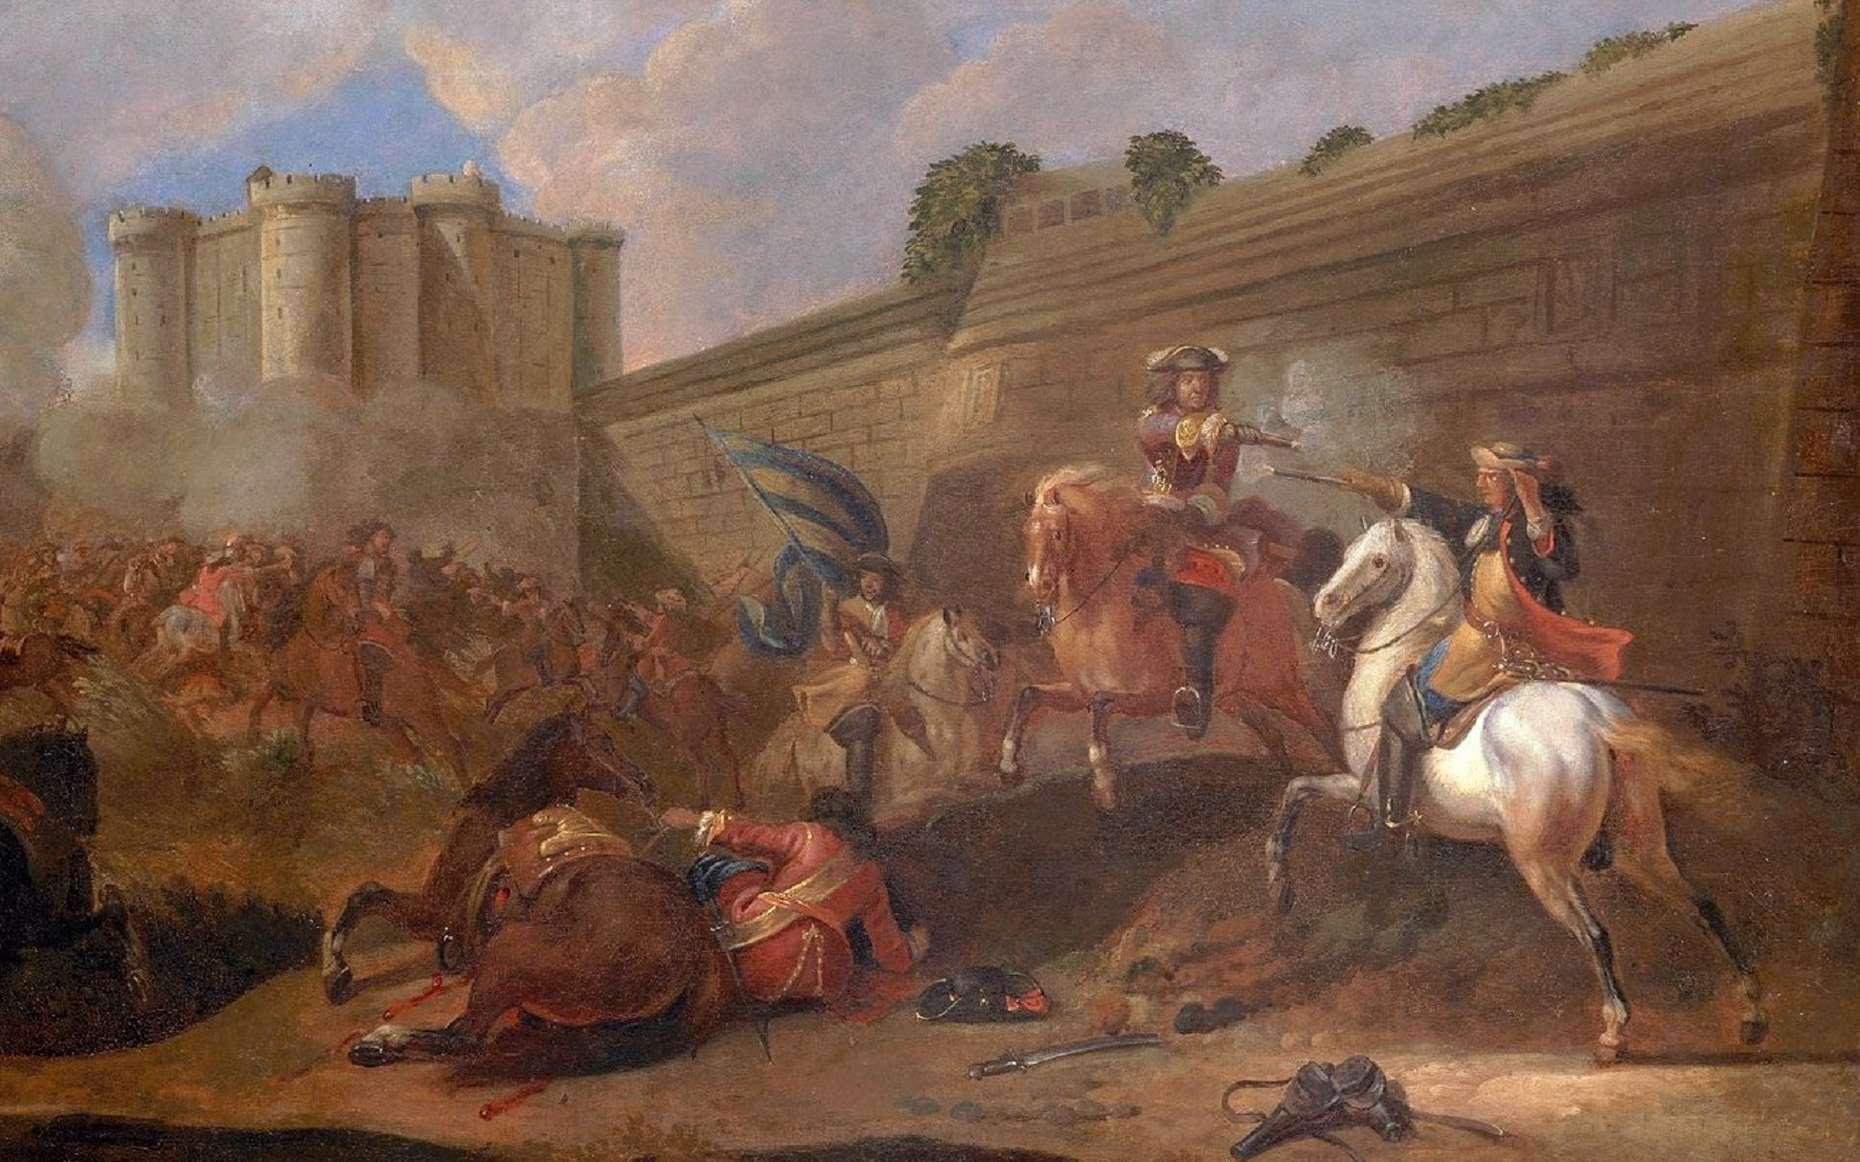 Combat lors de la Fronde à Paris, au faubourg Saint-Antoine, devant la Bastille en 1652. Anonyme, Château de Versailles. © RMN, Grand Palais (Château de Versailles), domaine public